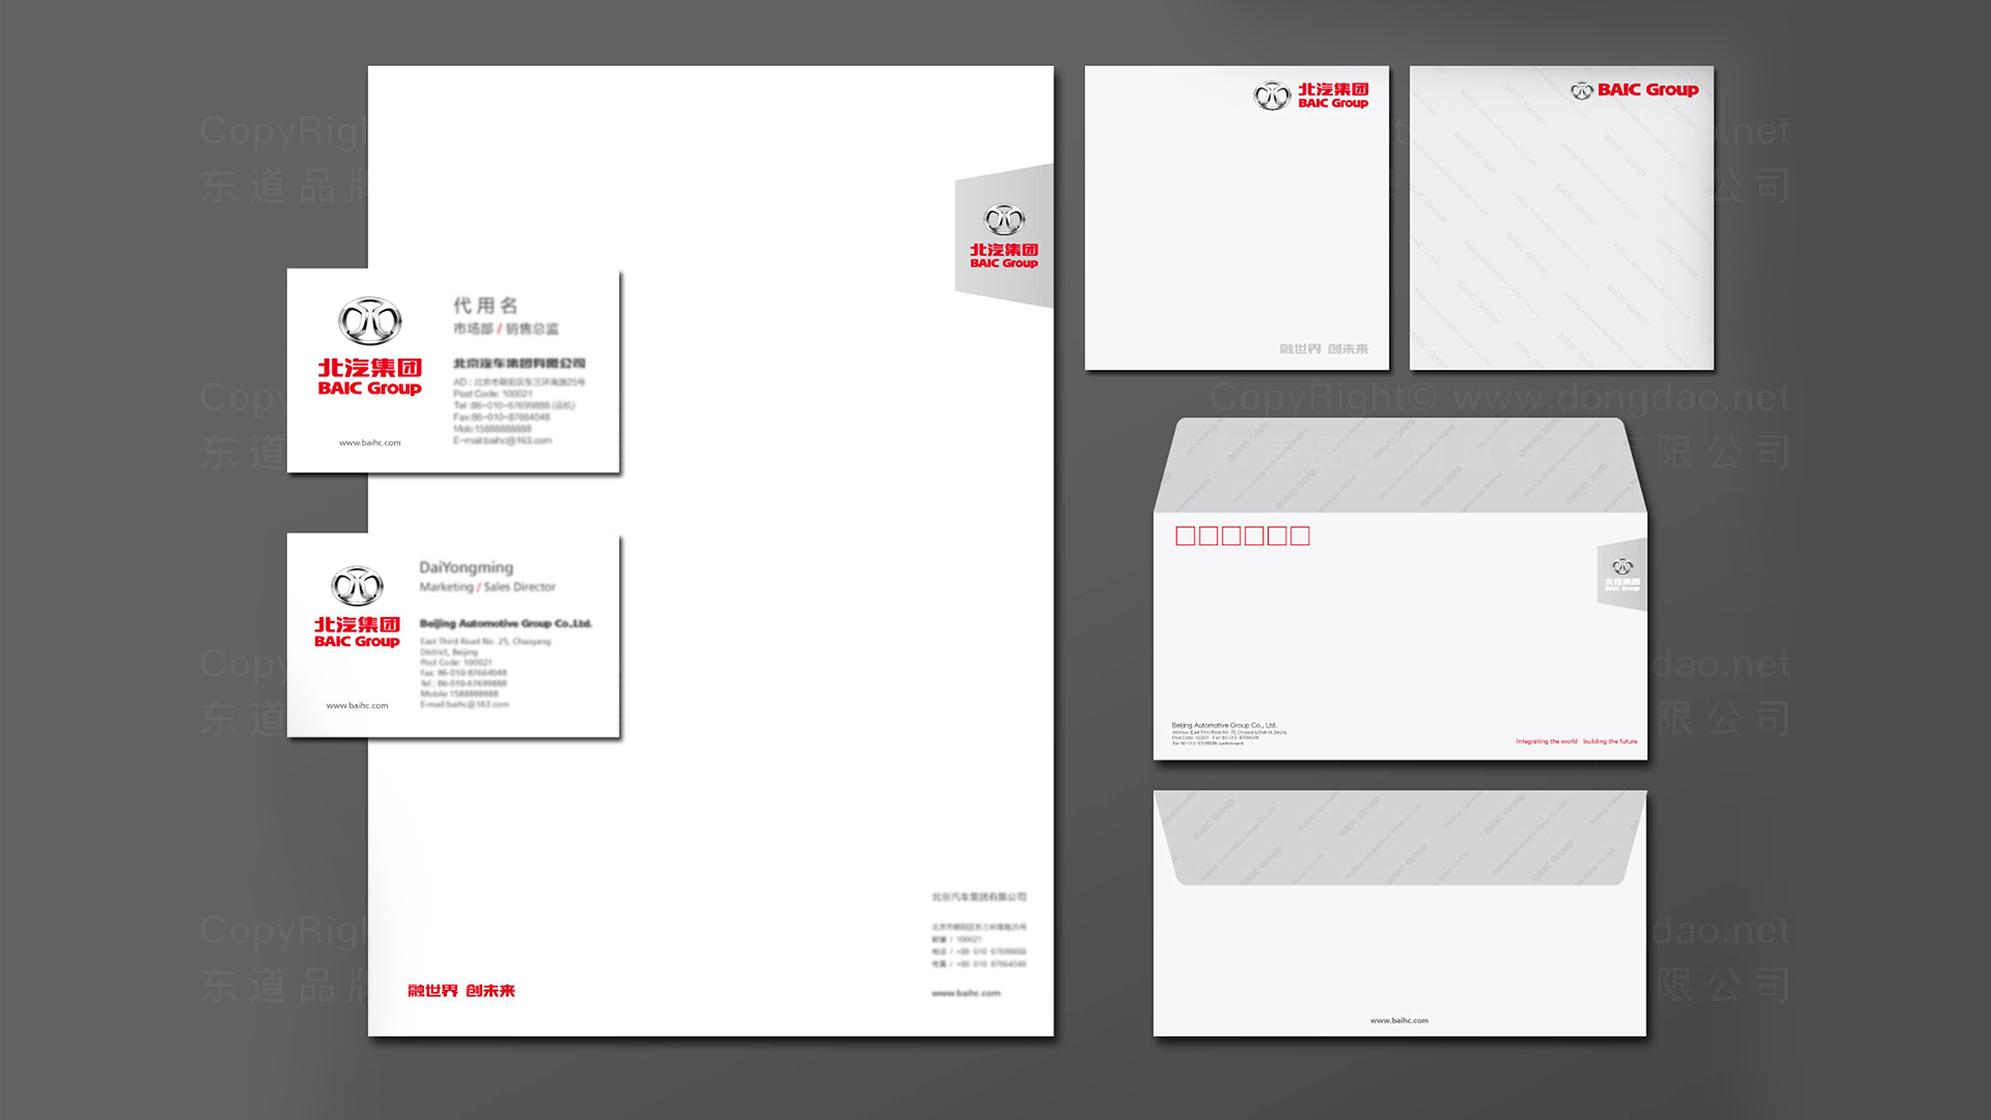 品牌设计北京汽车LOGO&VI设计应用